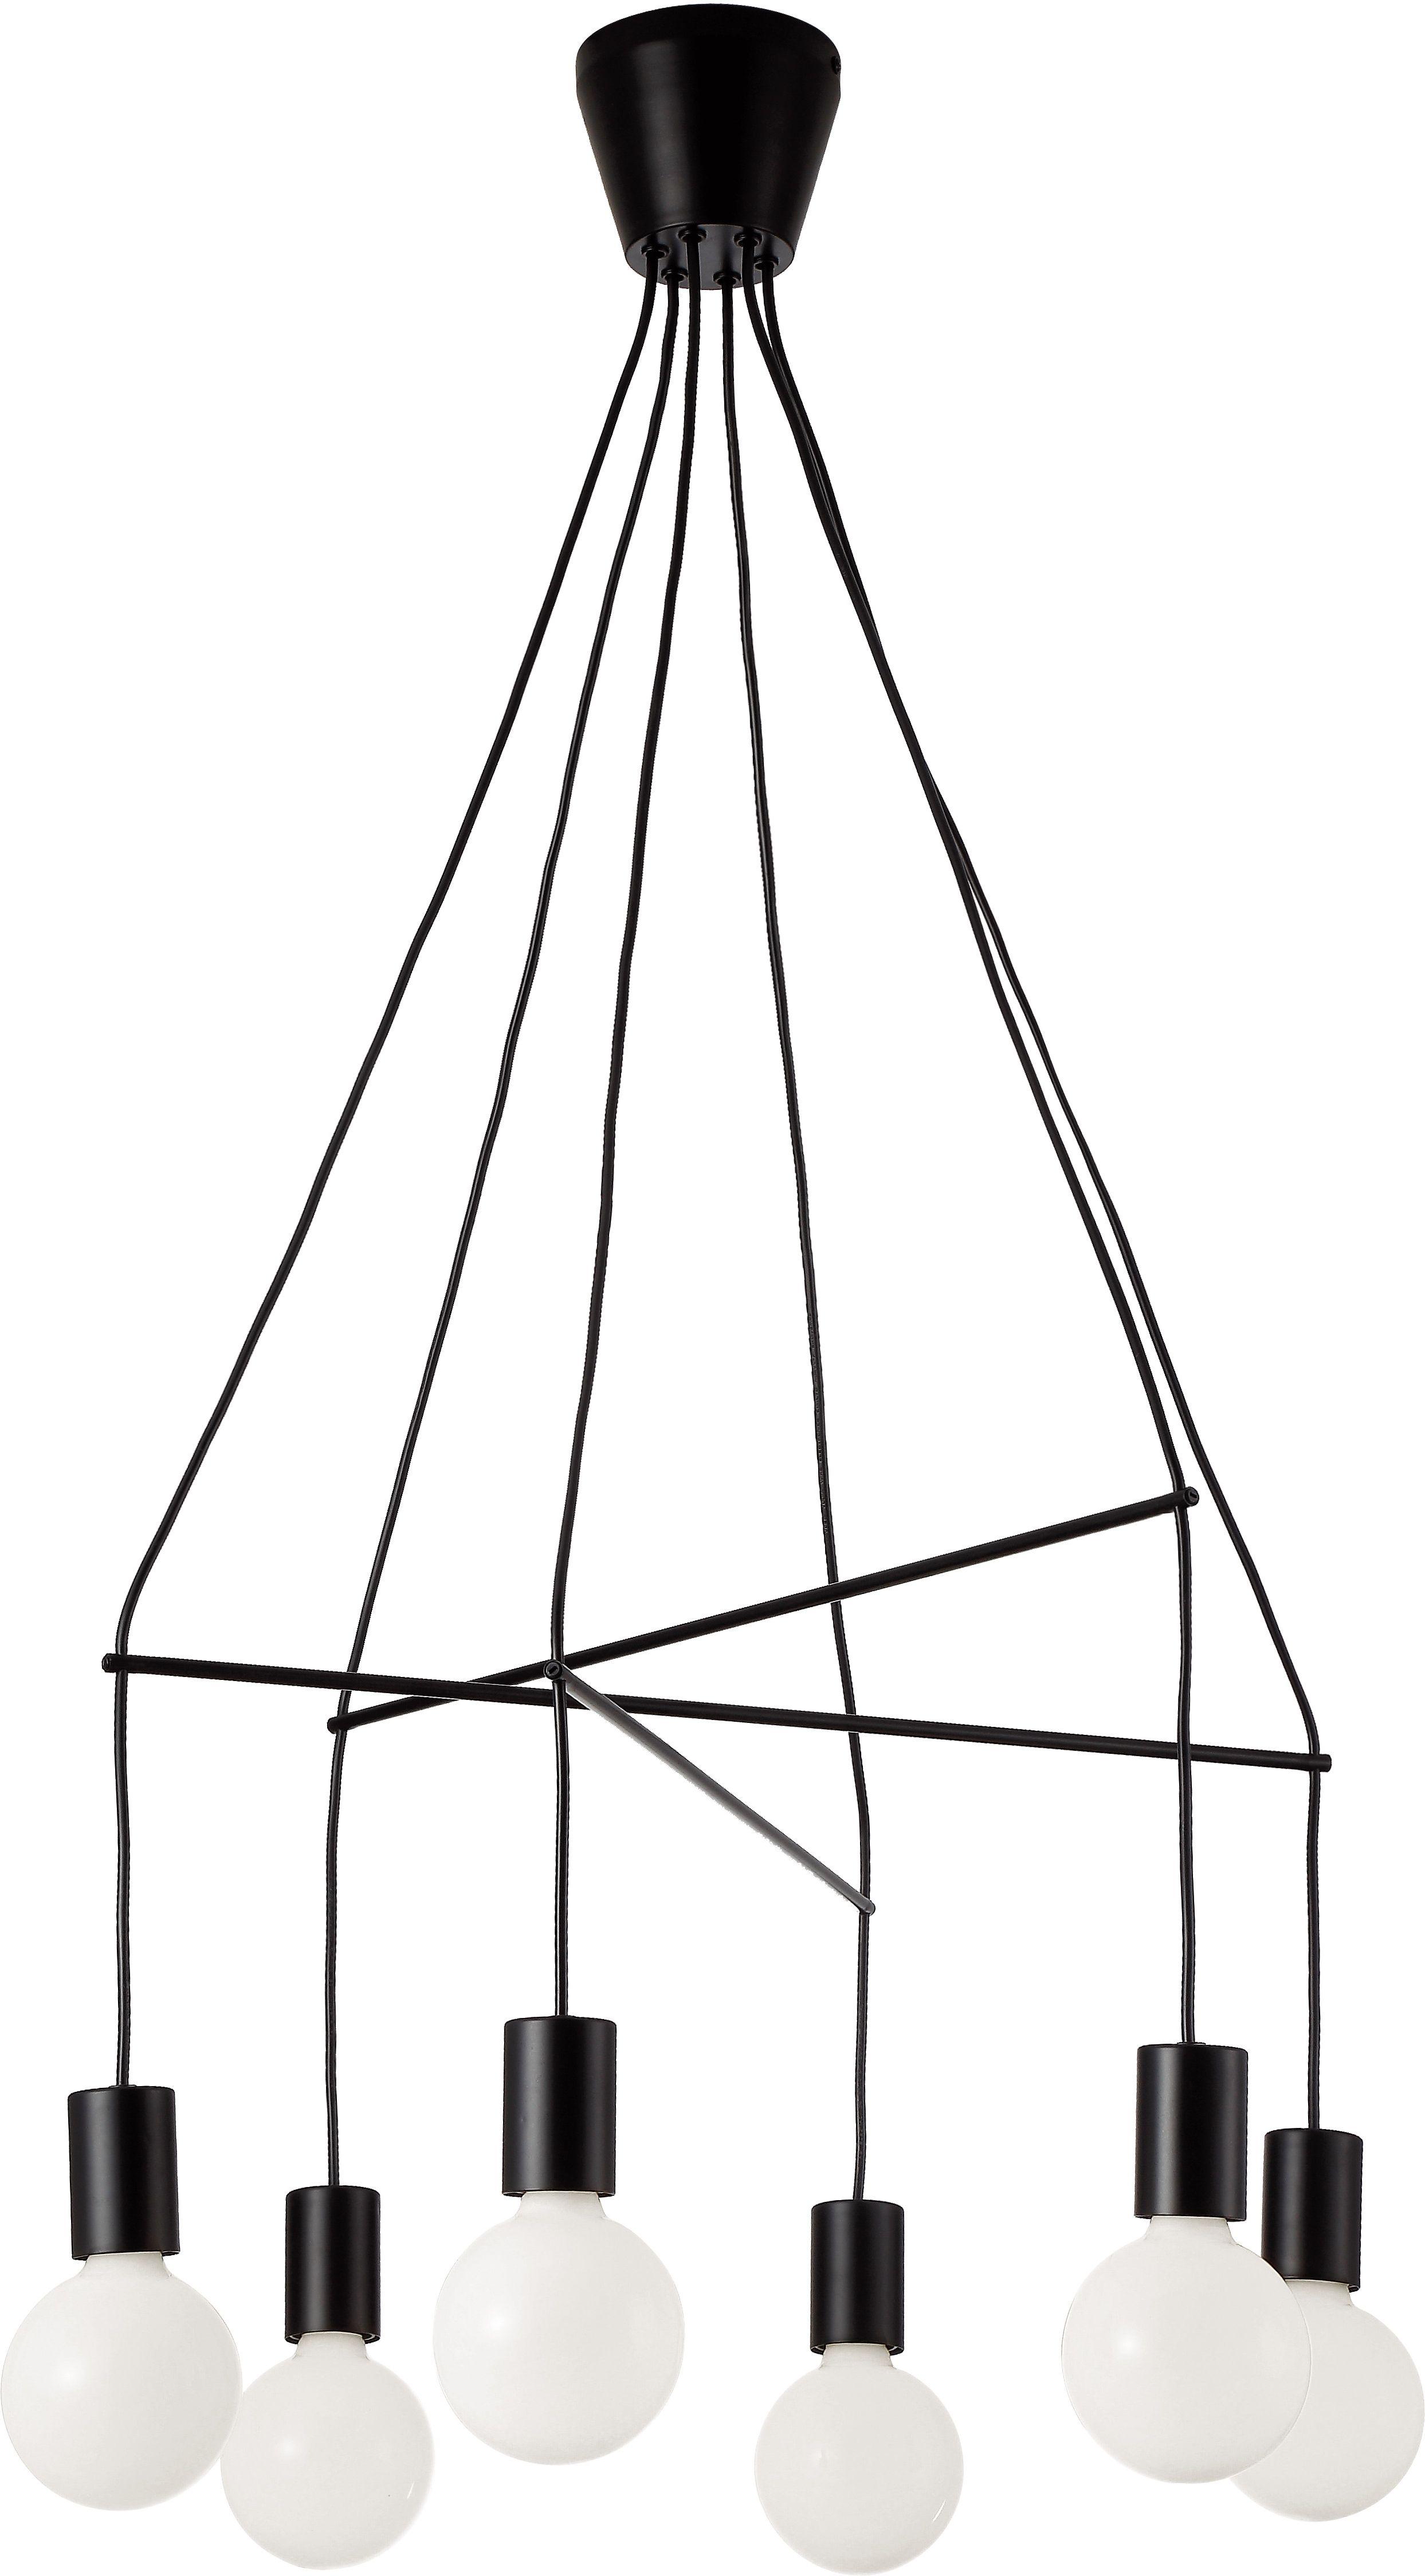 Φωτιστικό οροφής Viokef Gloria 6φωτο